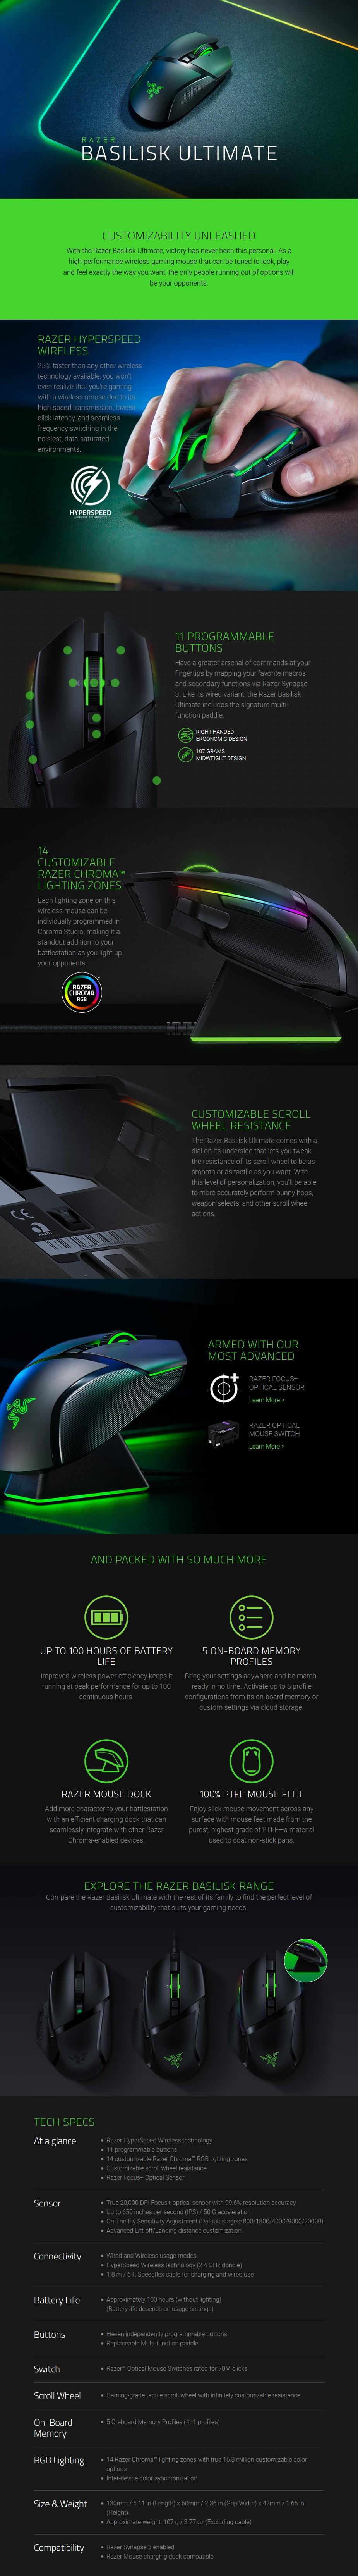 razer_basilisk_ultimate_wireless_ergonomic_optical_gaming_mouse_ac34969_8.jpg